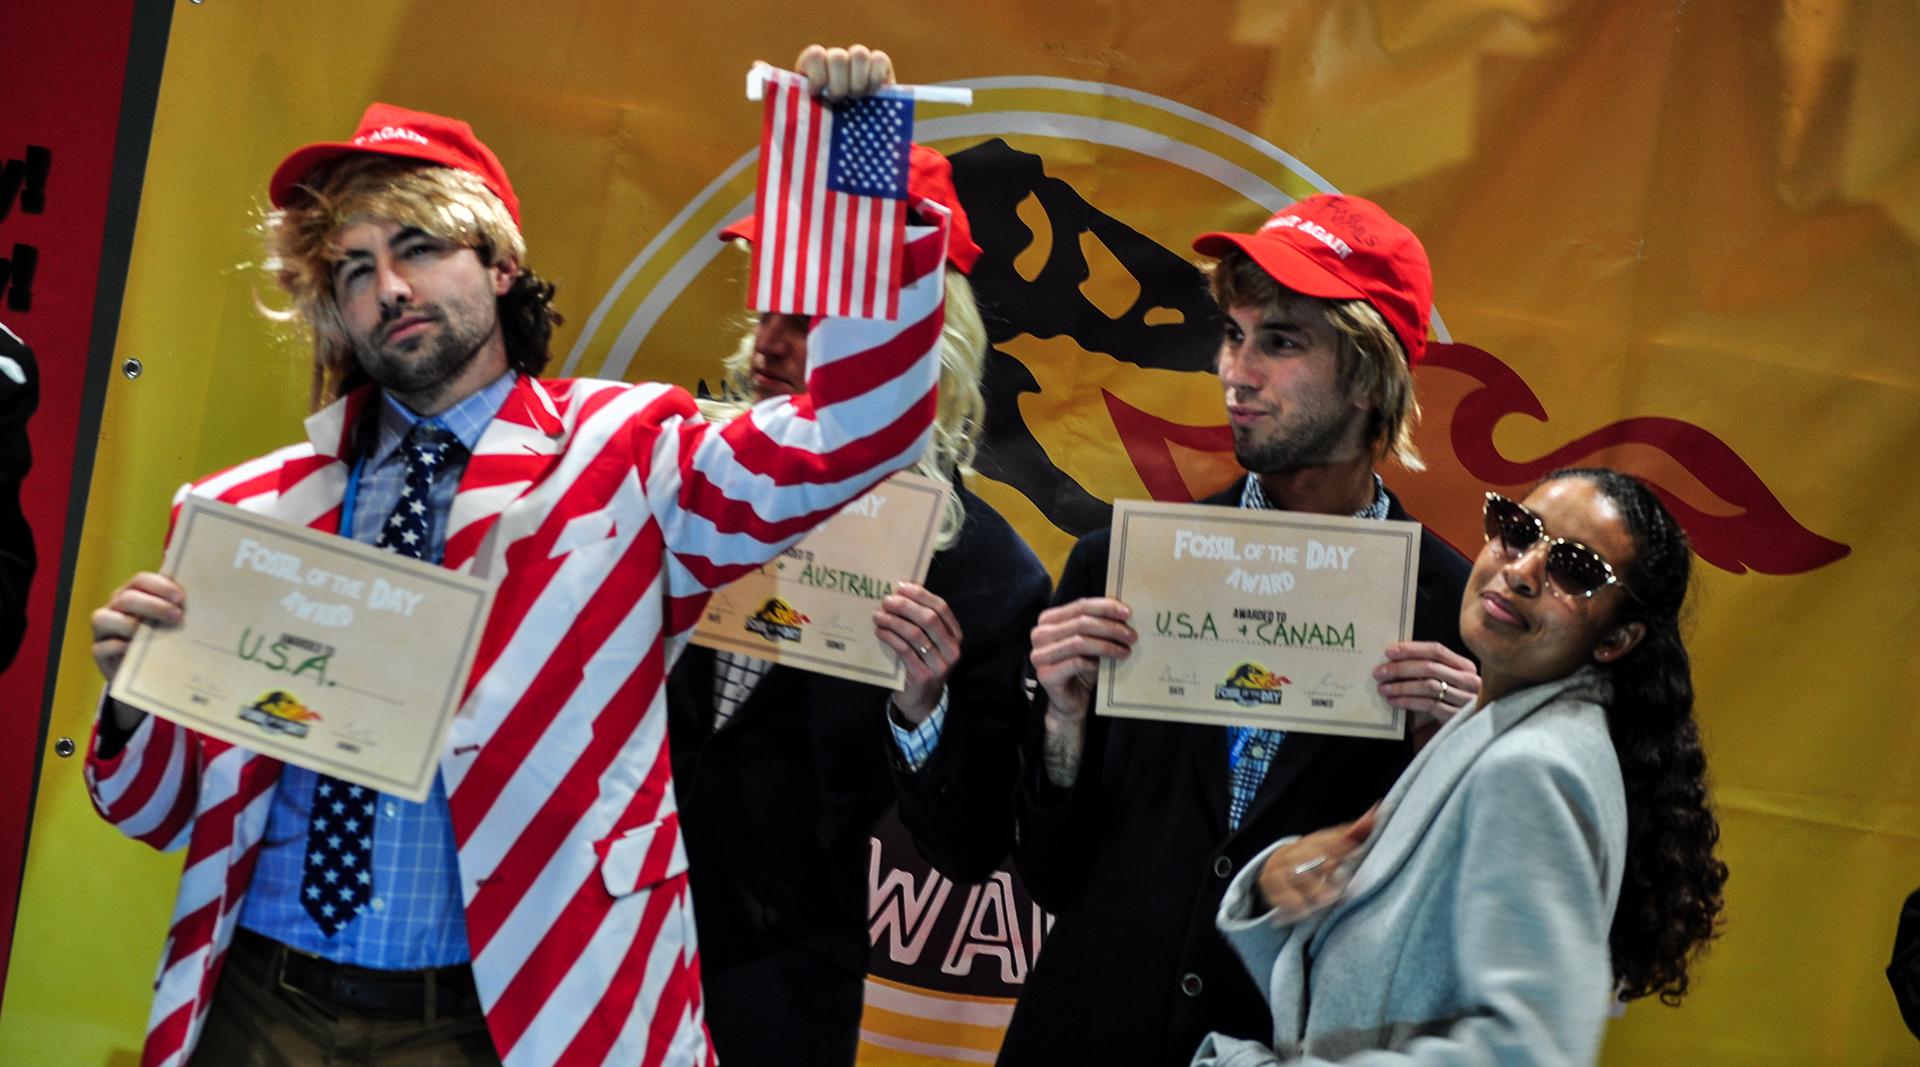 El humor también consiguió su espacio: Fossil of the Day es el premio entregado a aquellos países que más retardaban las negociaciones. No sorprende el podio (Foto: Julio Batista).